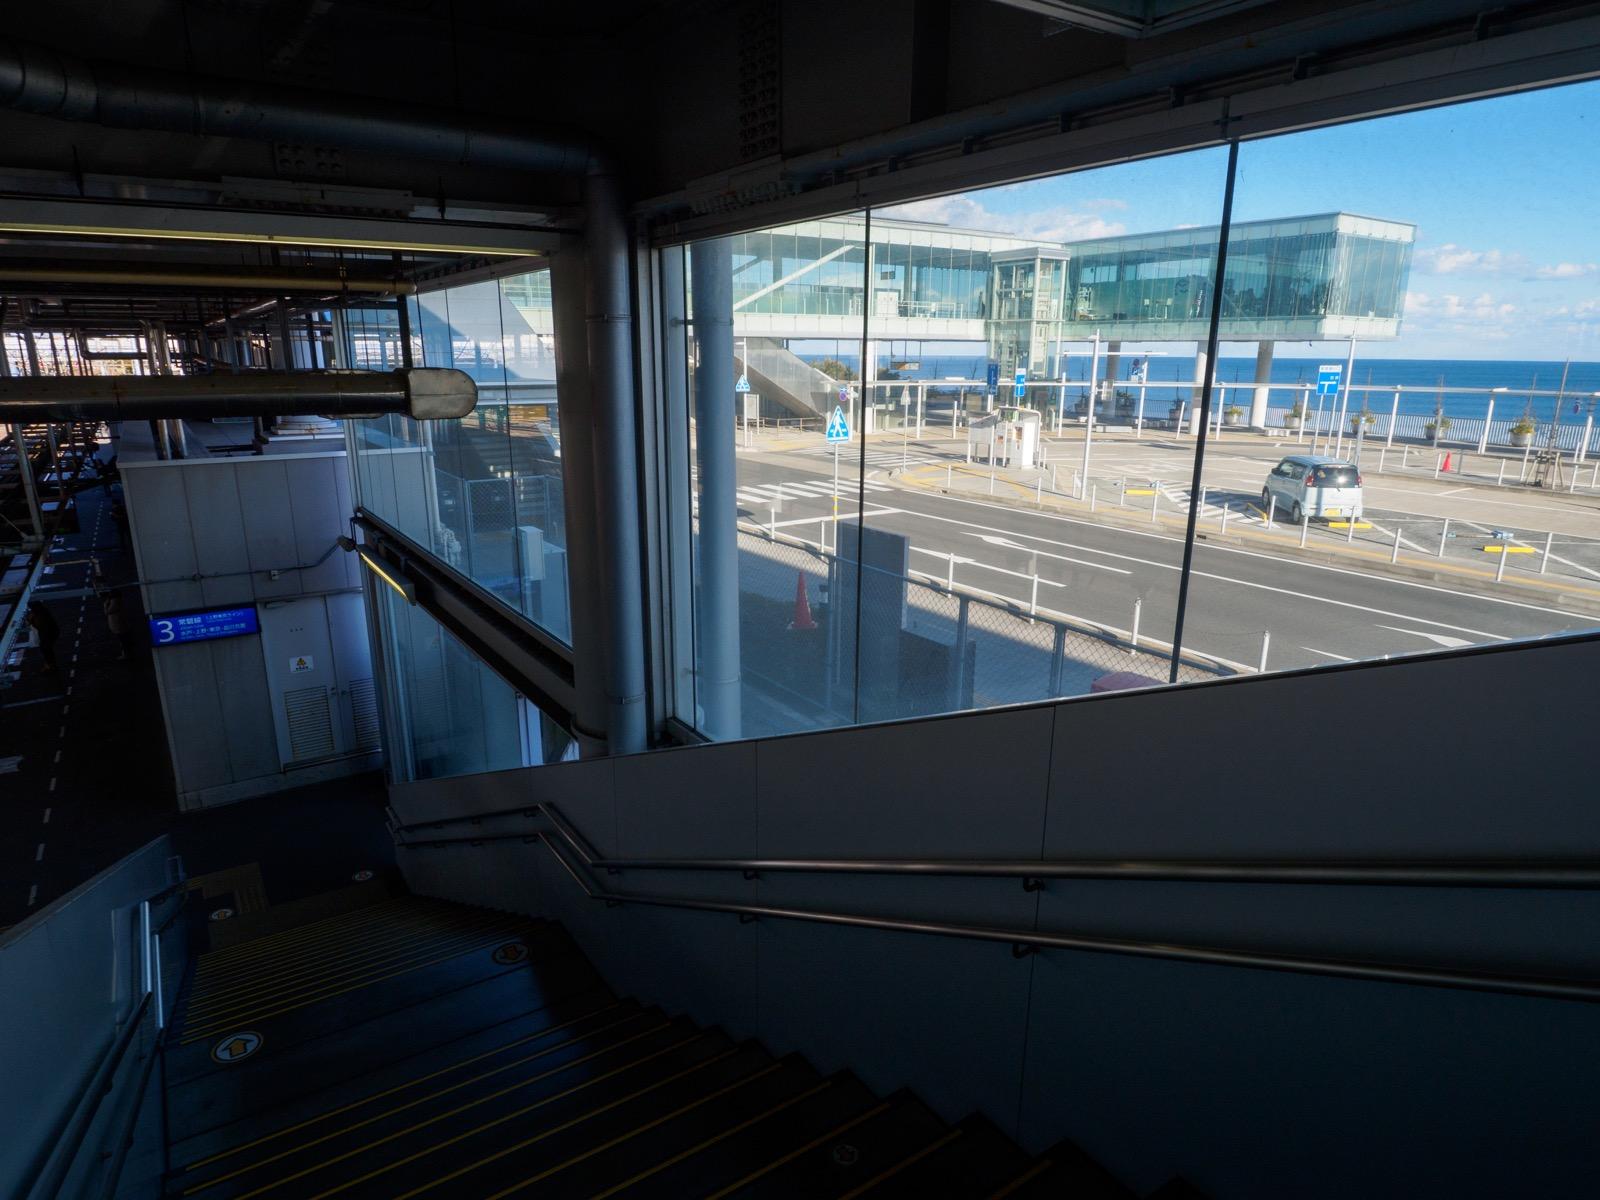 日立駅のホームにある階段